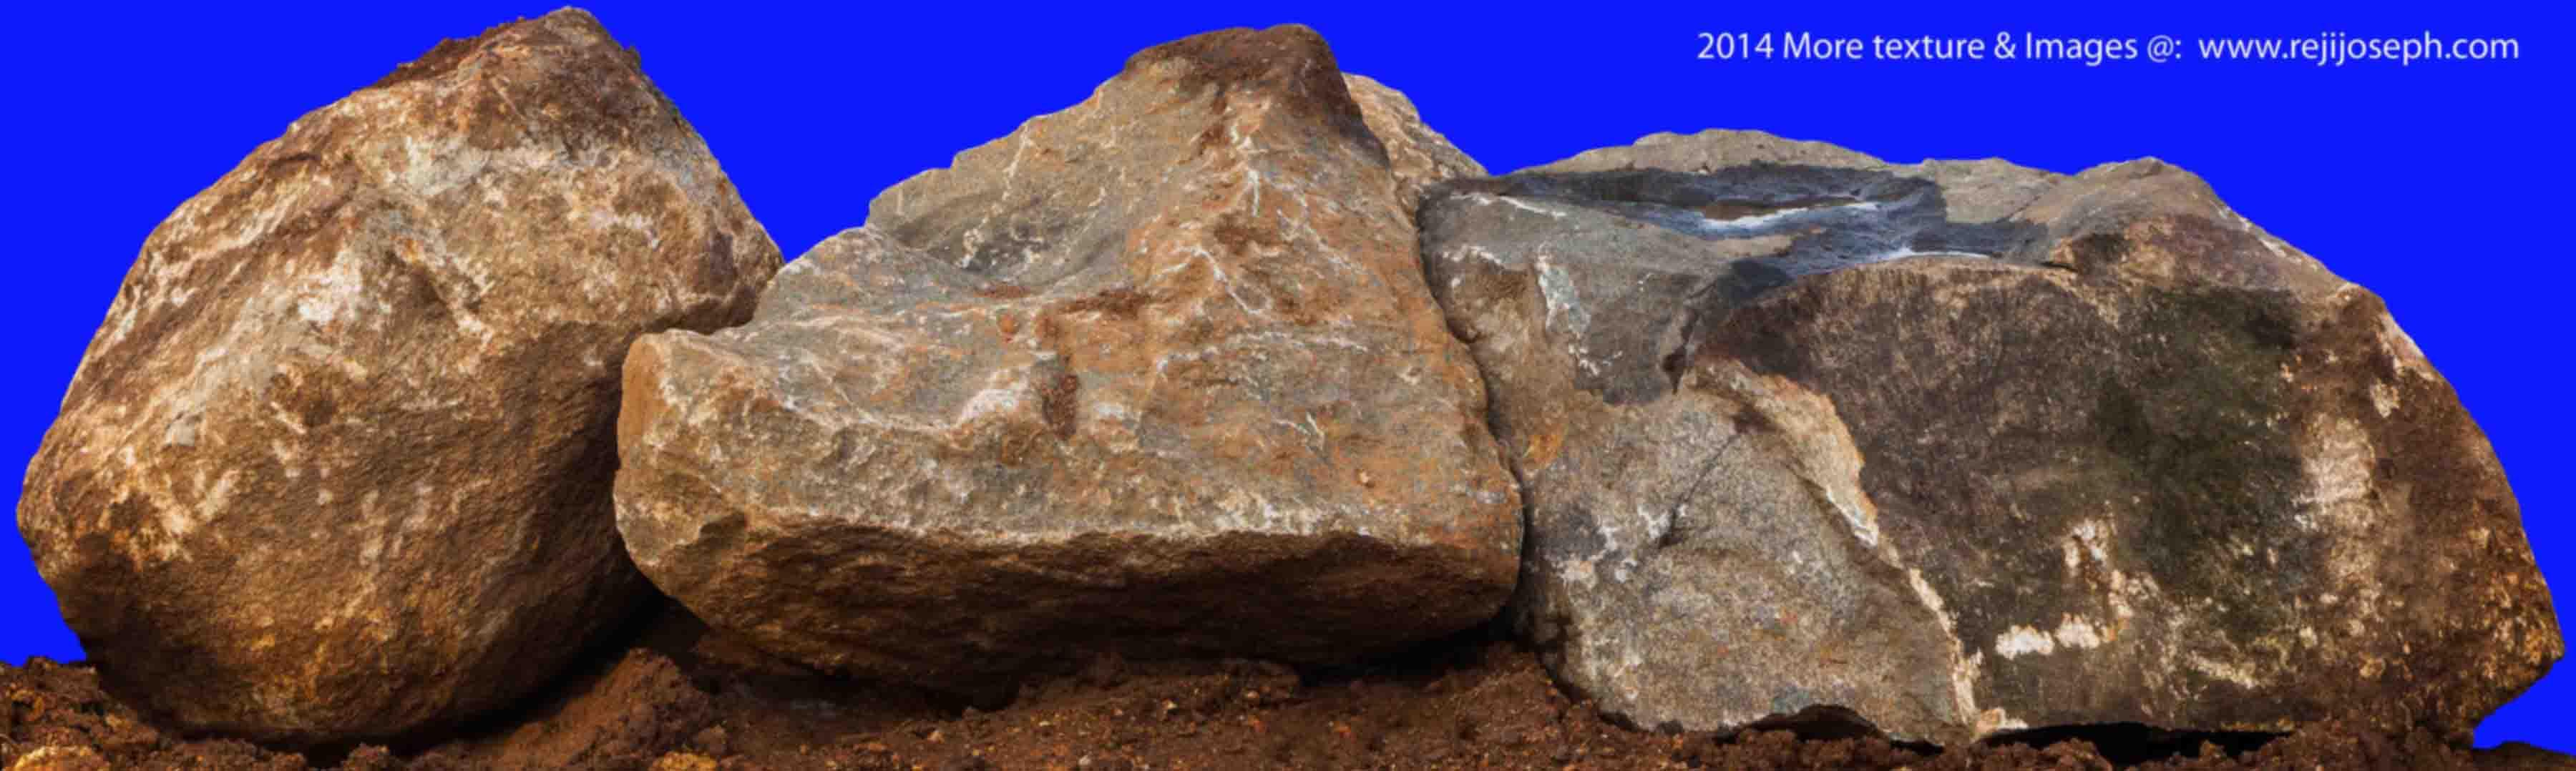 Stone texture 00005